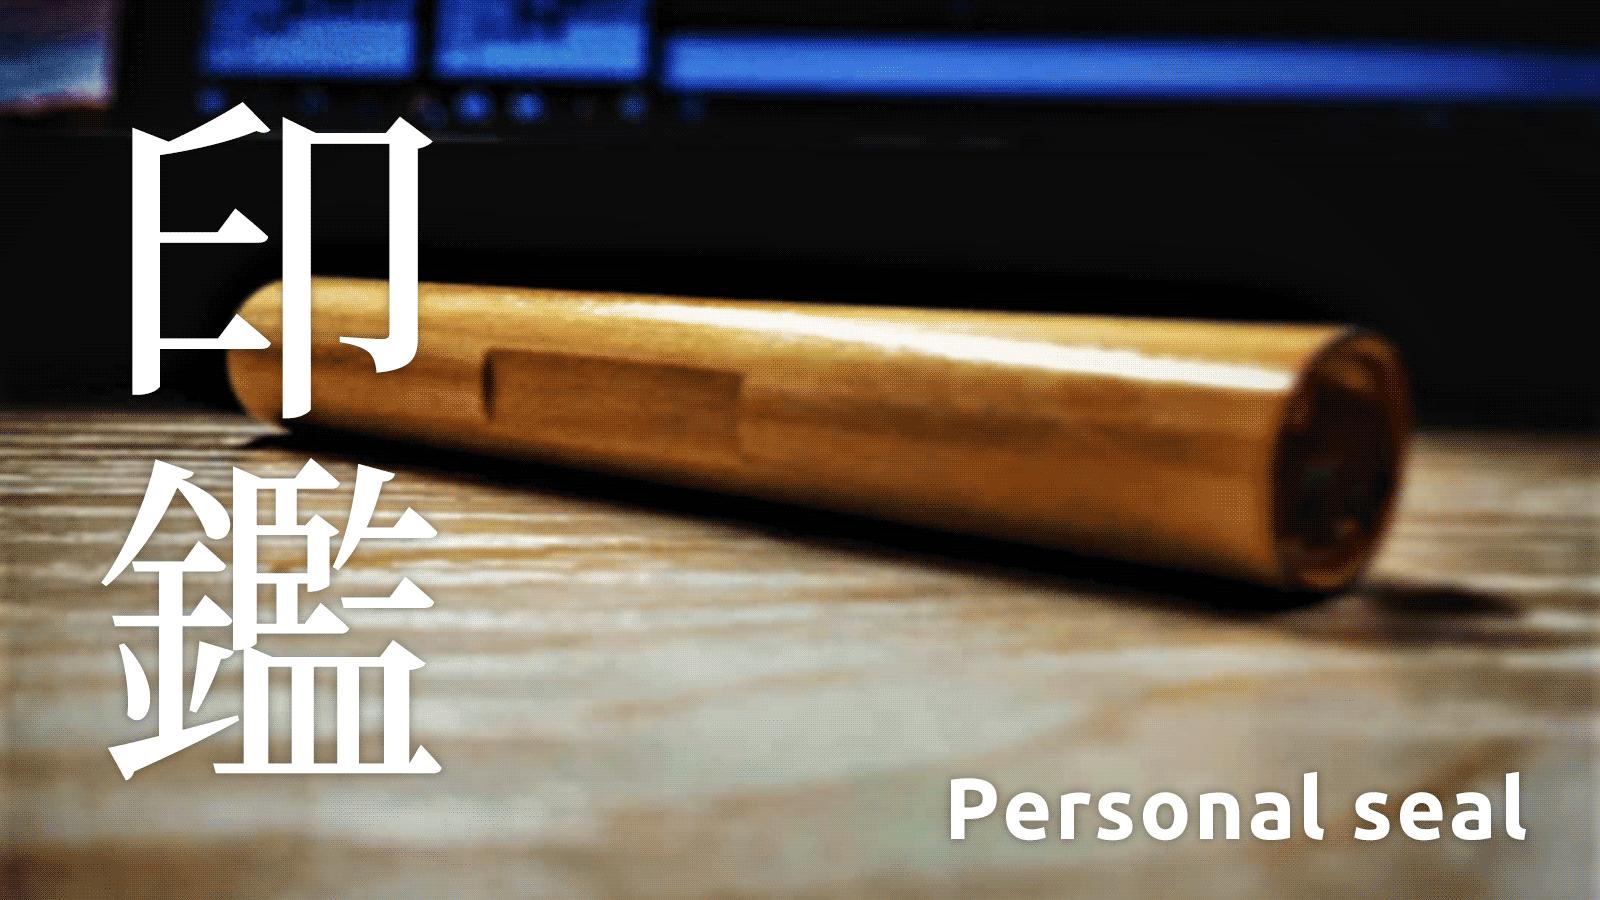 印鑑 personal seal